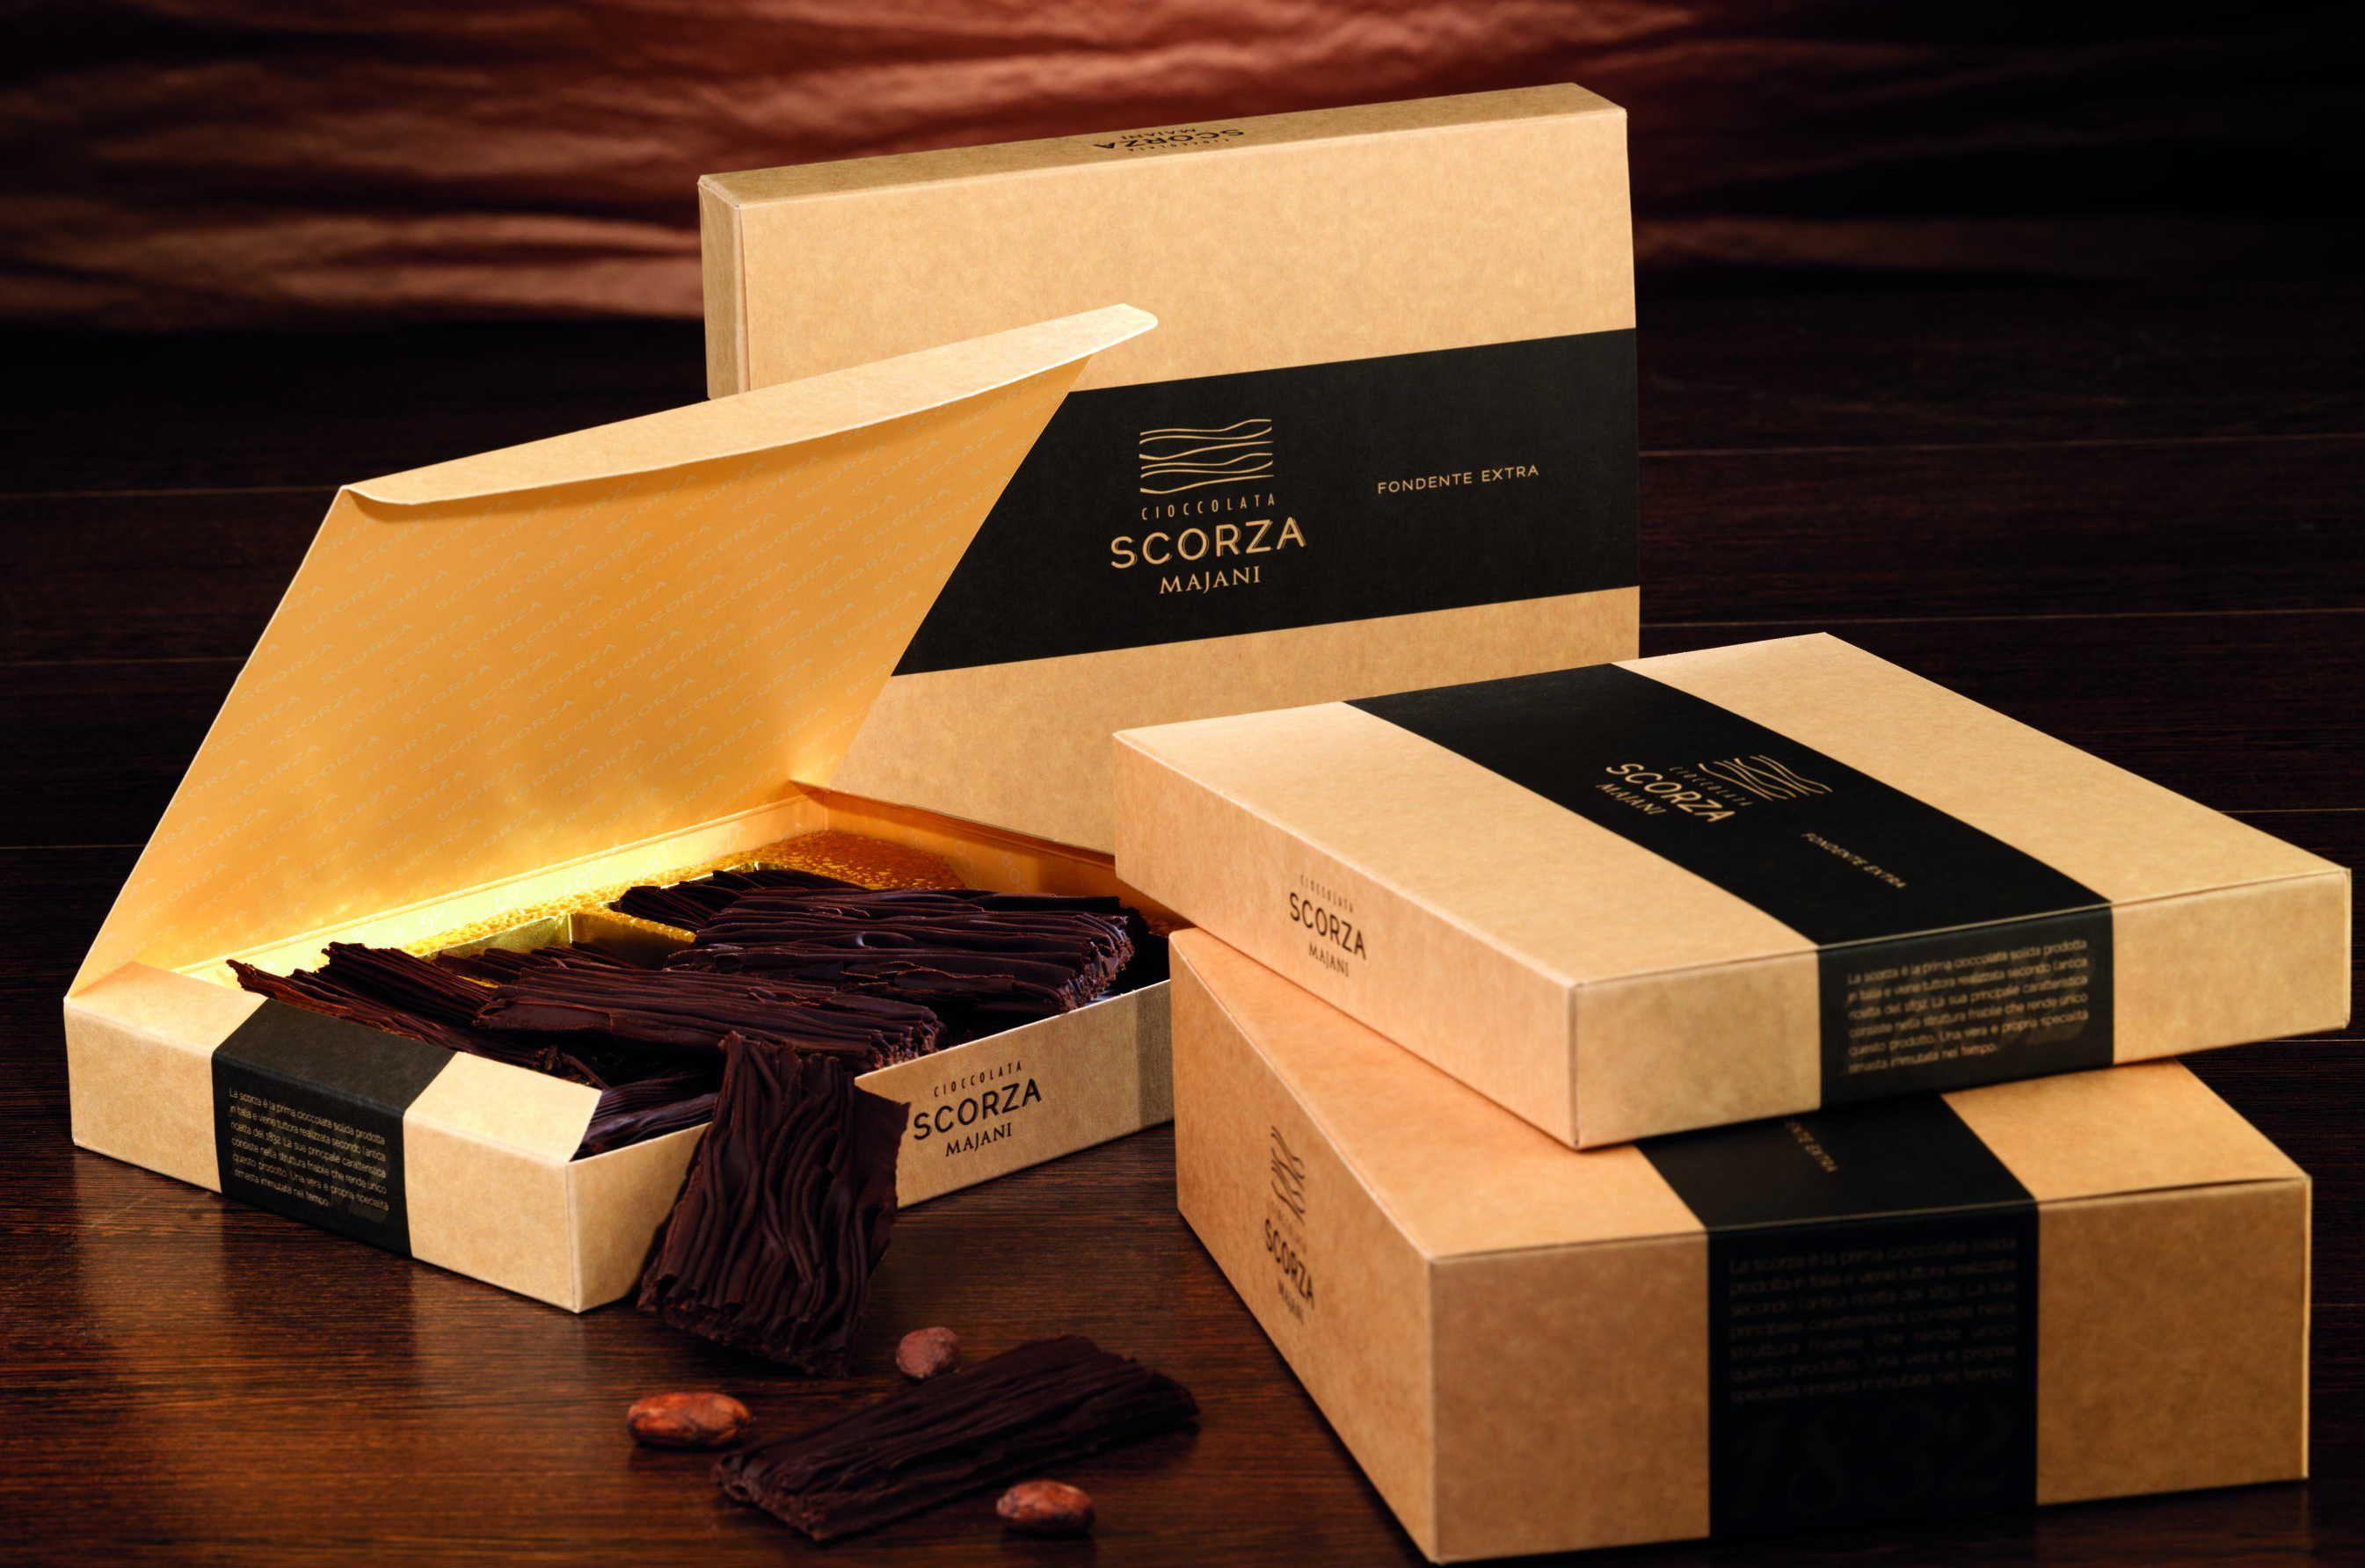 """Het familiebedrijf Majani vervaardigt sinds 1796 de meest smaakvolle chocolade. Zo ook scorza, kleine boomschorsjes gemaakt van de beste ingrediënten met een brosse """"bite""""  www.bommelsconserven.nl"""